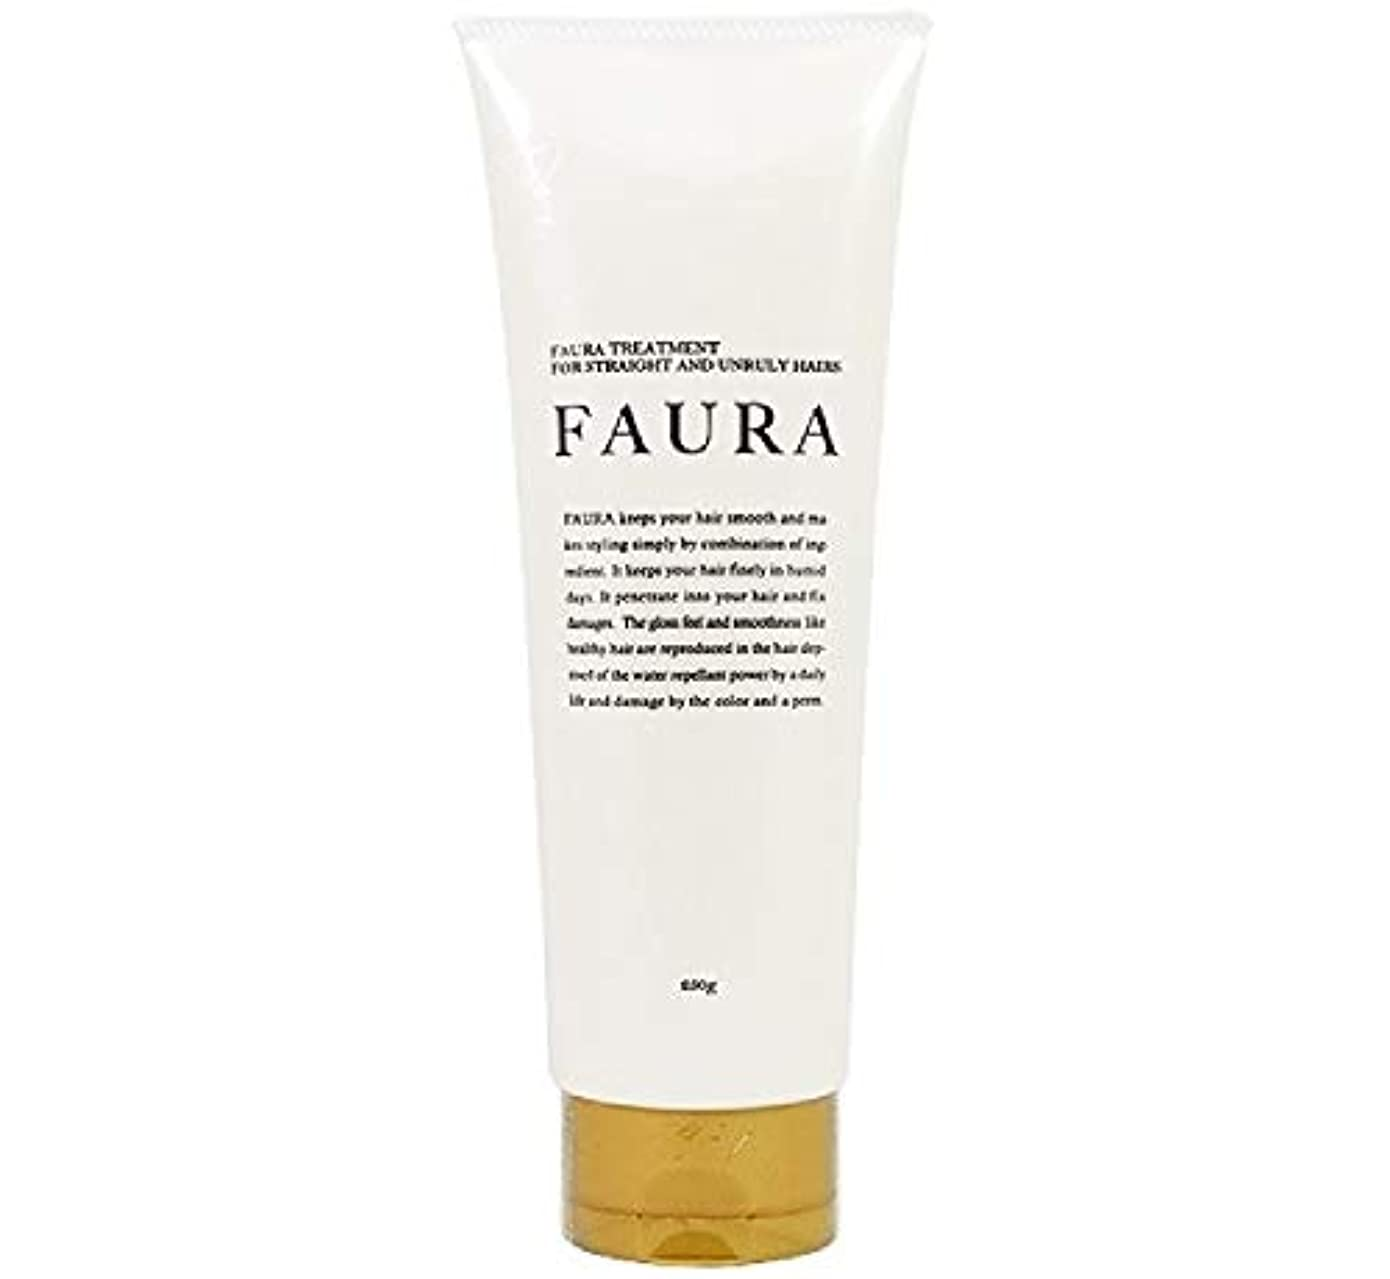 コンソールシェア入手します【発売1年で3万本の売上】FAURA ファウラ ヘアトリートメント (傷んだ髪に) 250g 【サロン専売品】